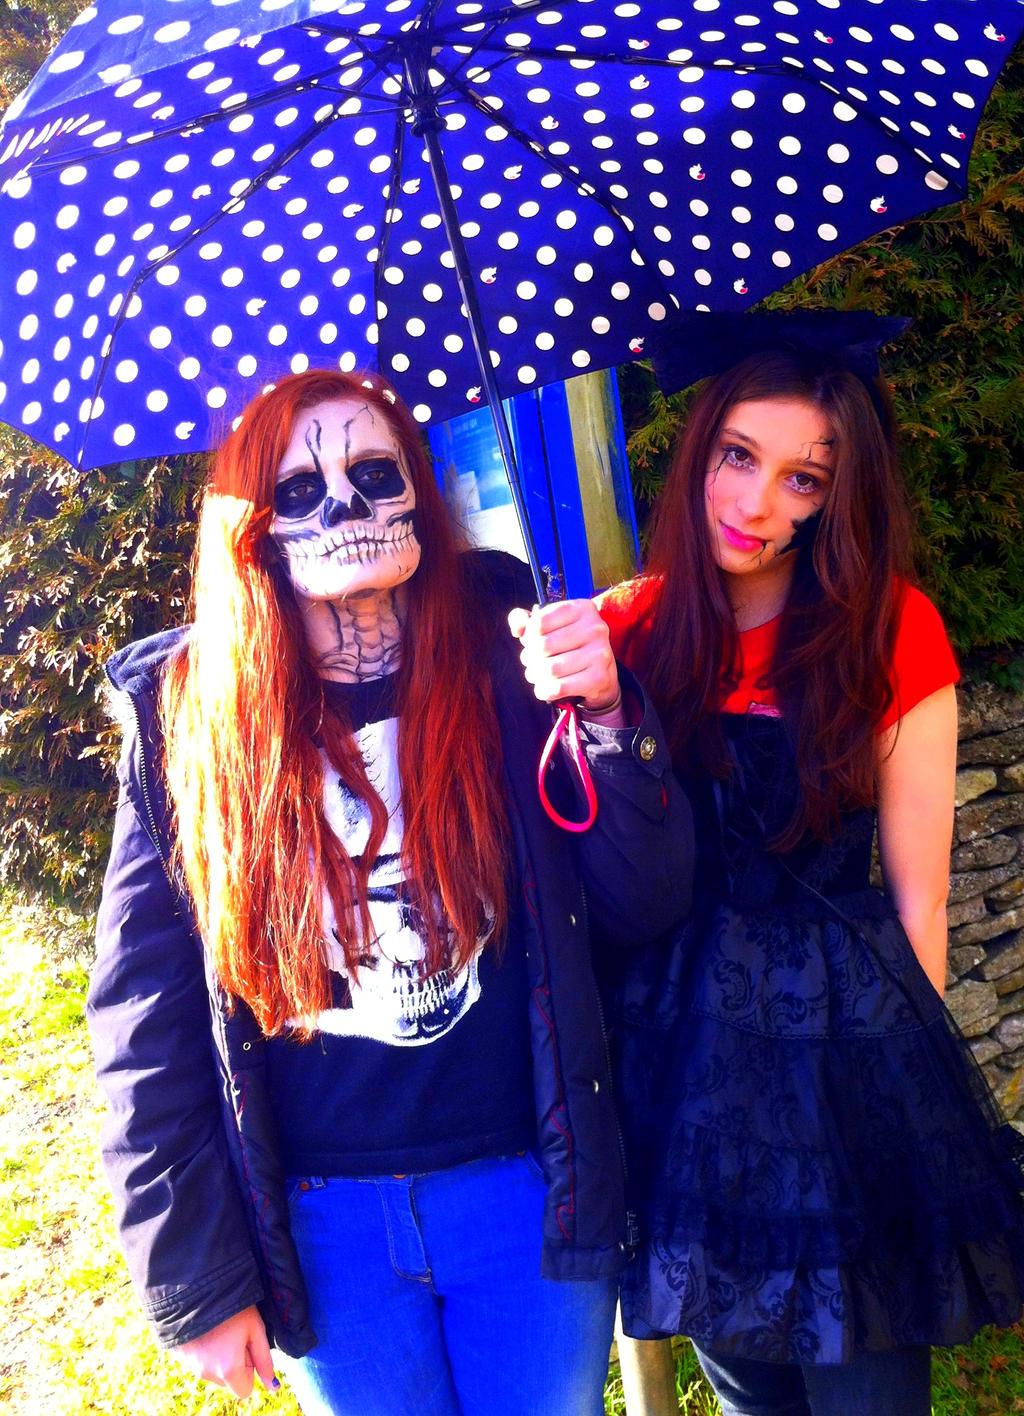 Skeleton and Doll Face by missanimestranger